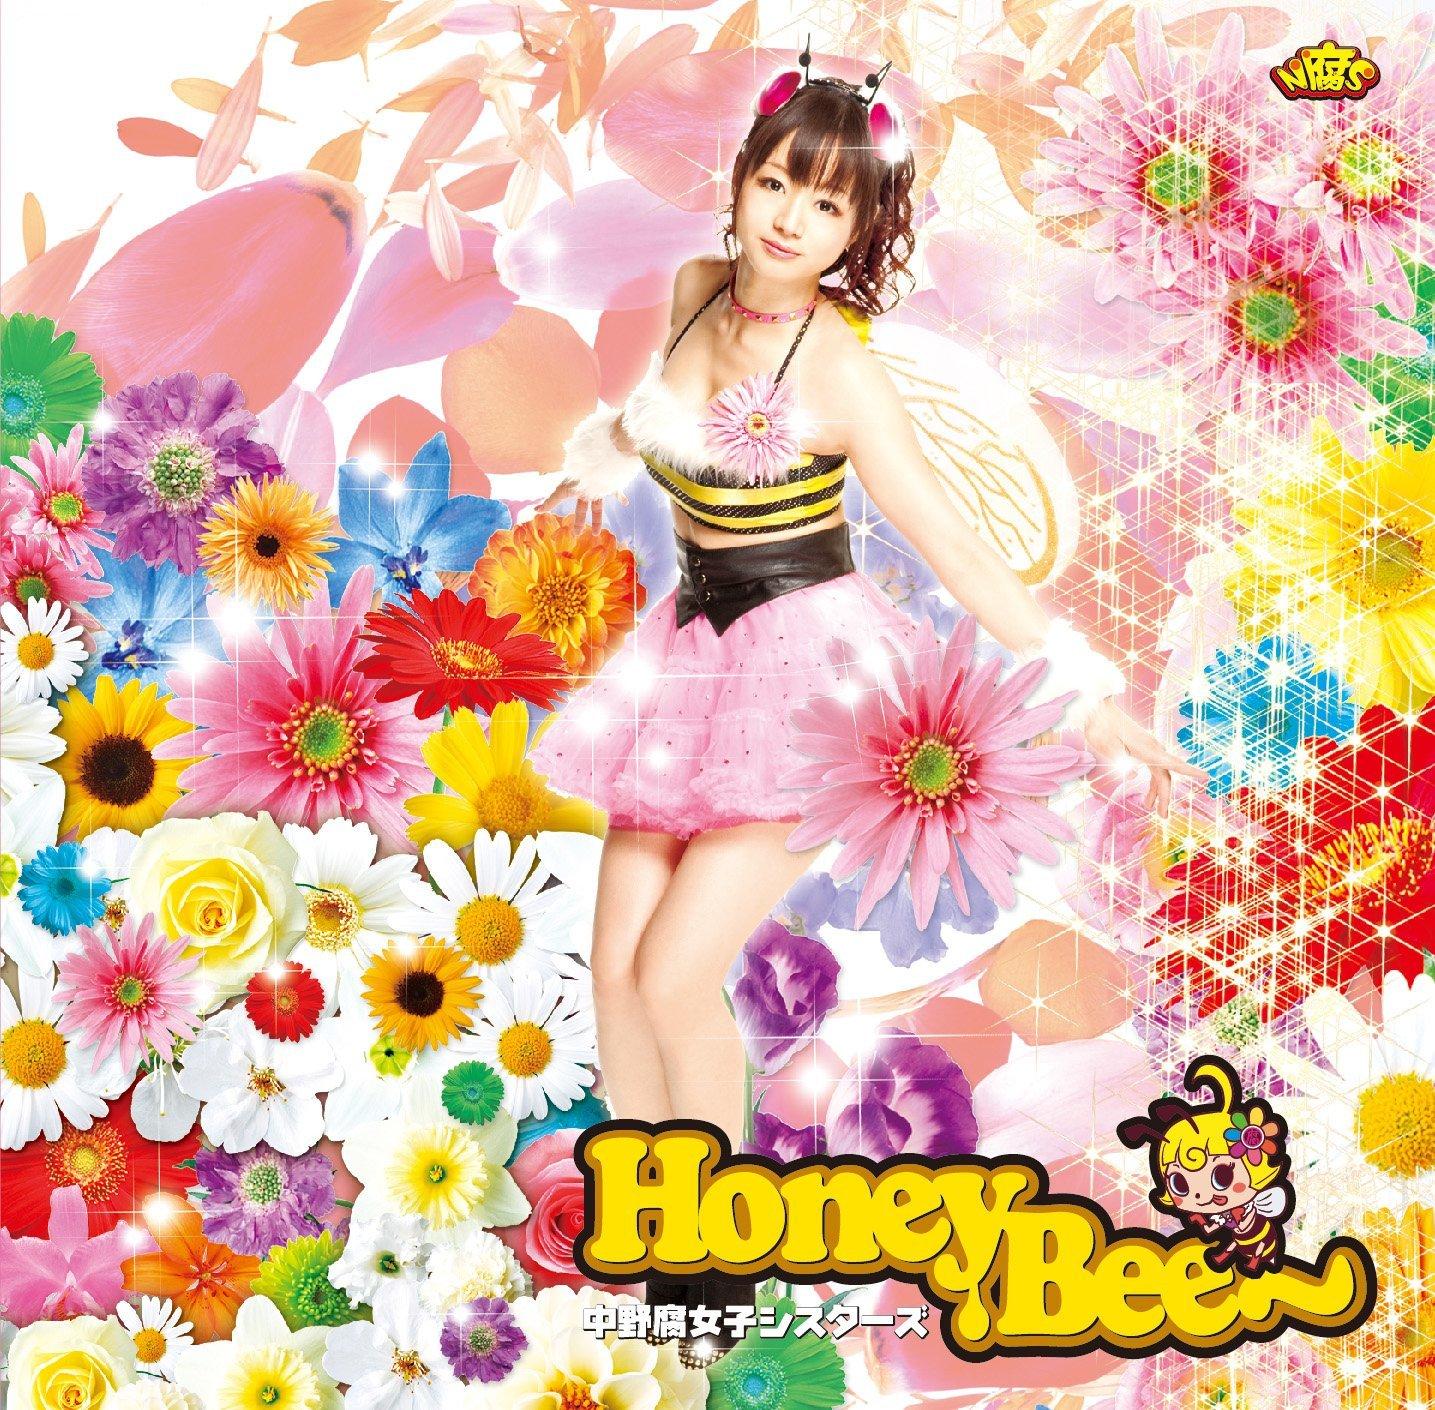 20170129.05.18 Nakano Fujoshi Sisters - Honey Bee~ cover.jpg